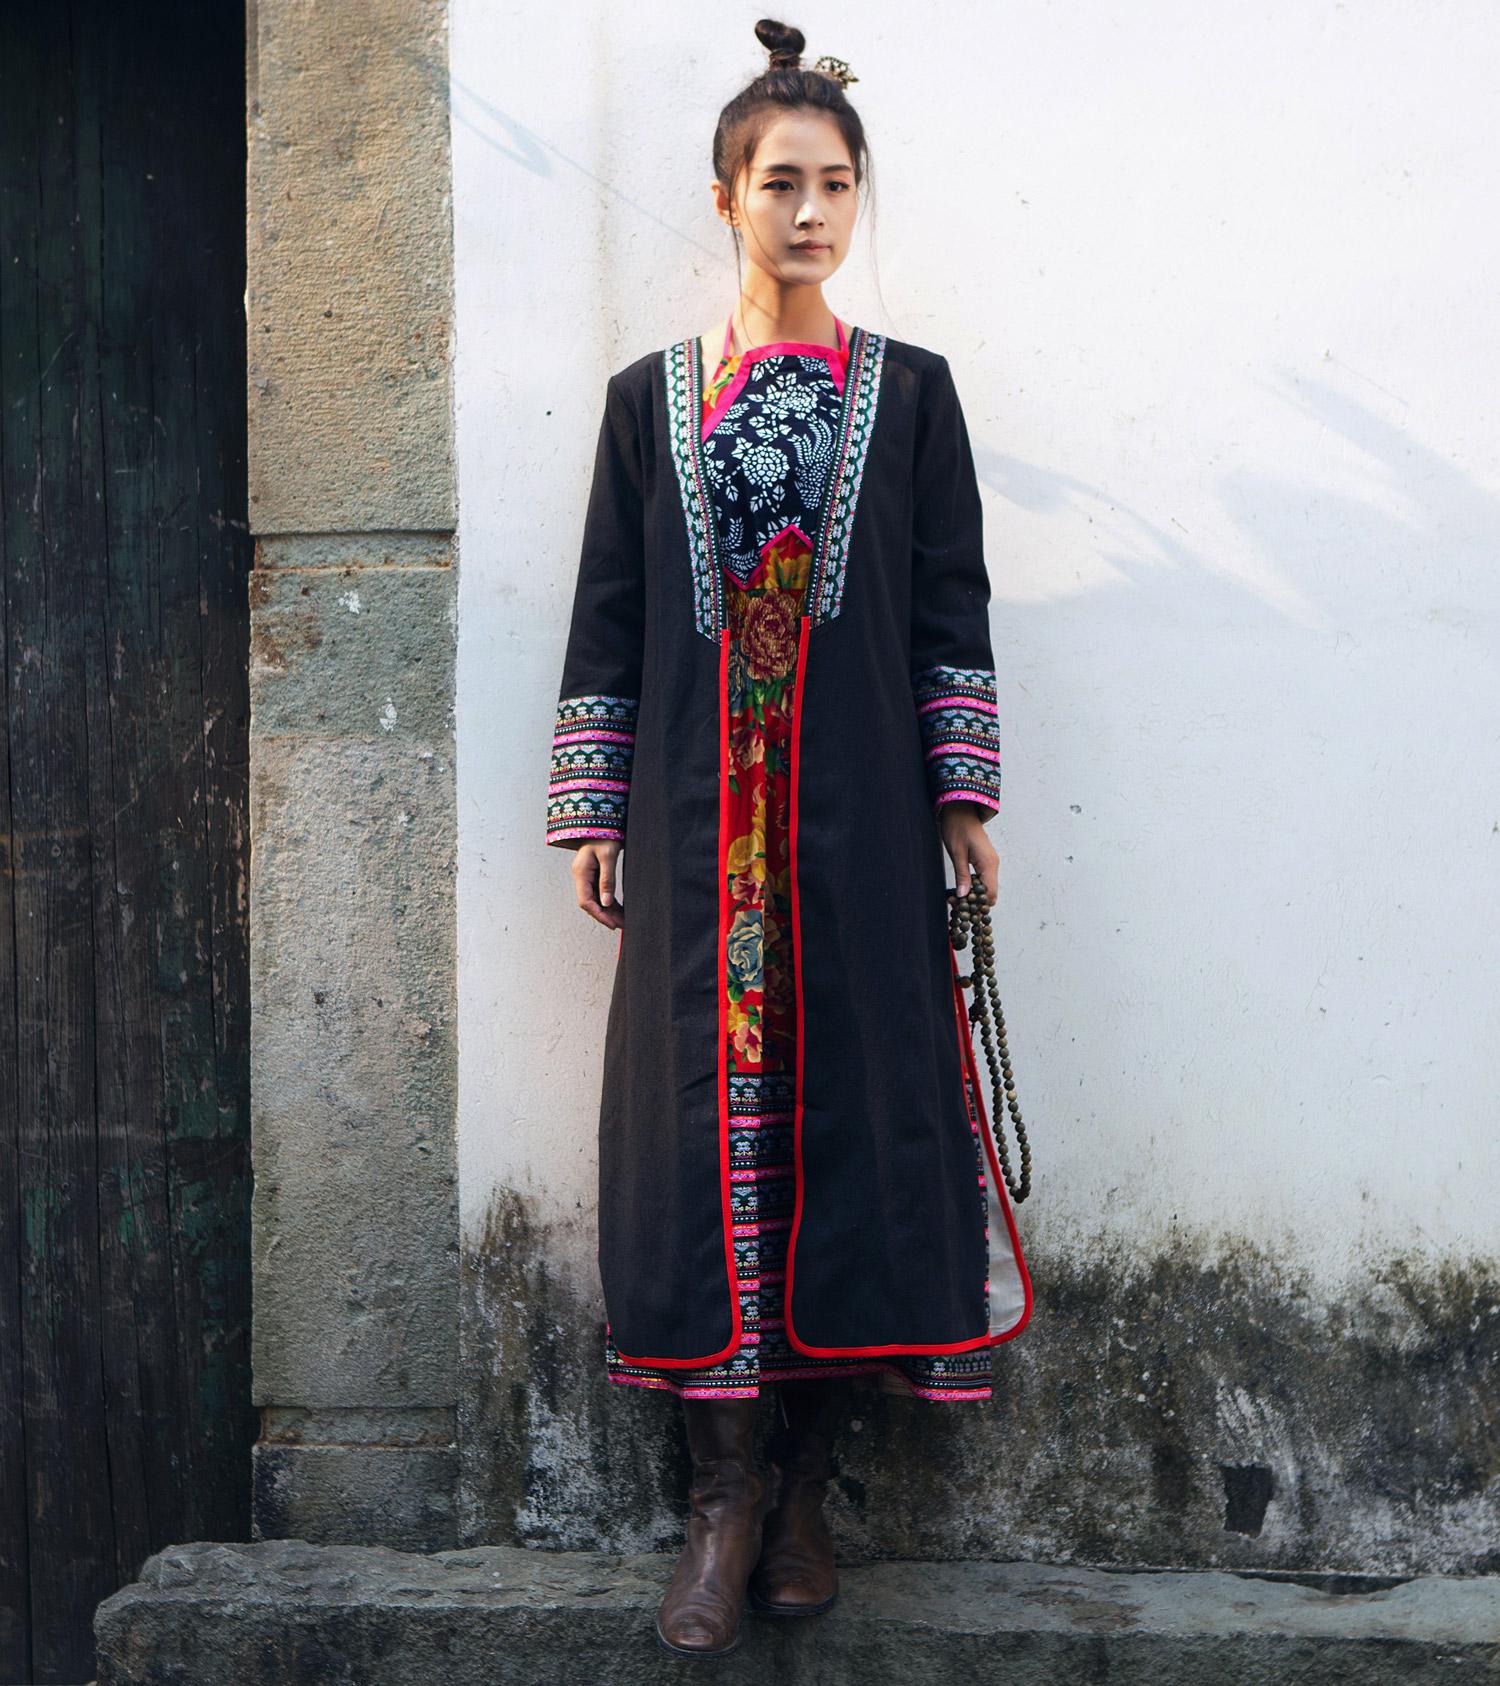 юбка-платье Даньфенсянь творчества: национальные ветер кружевной отделкой фартук Холтер Макси платье/платье кардиган куртка/пальто